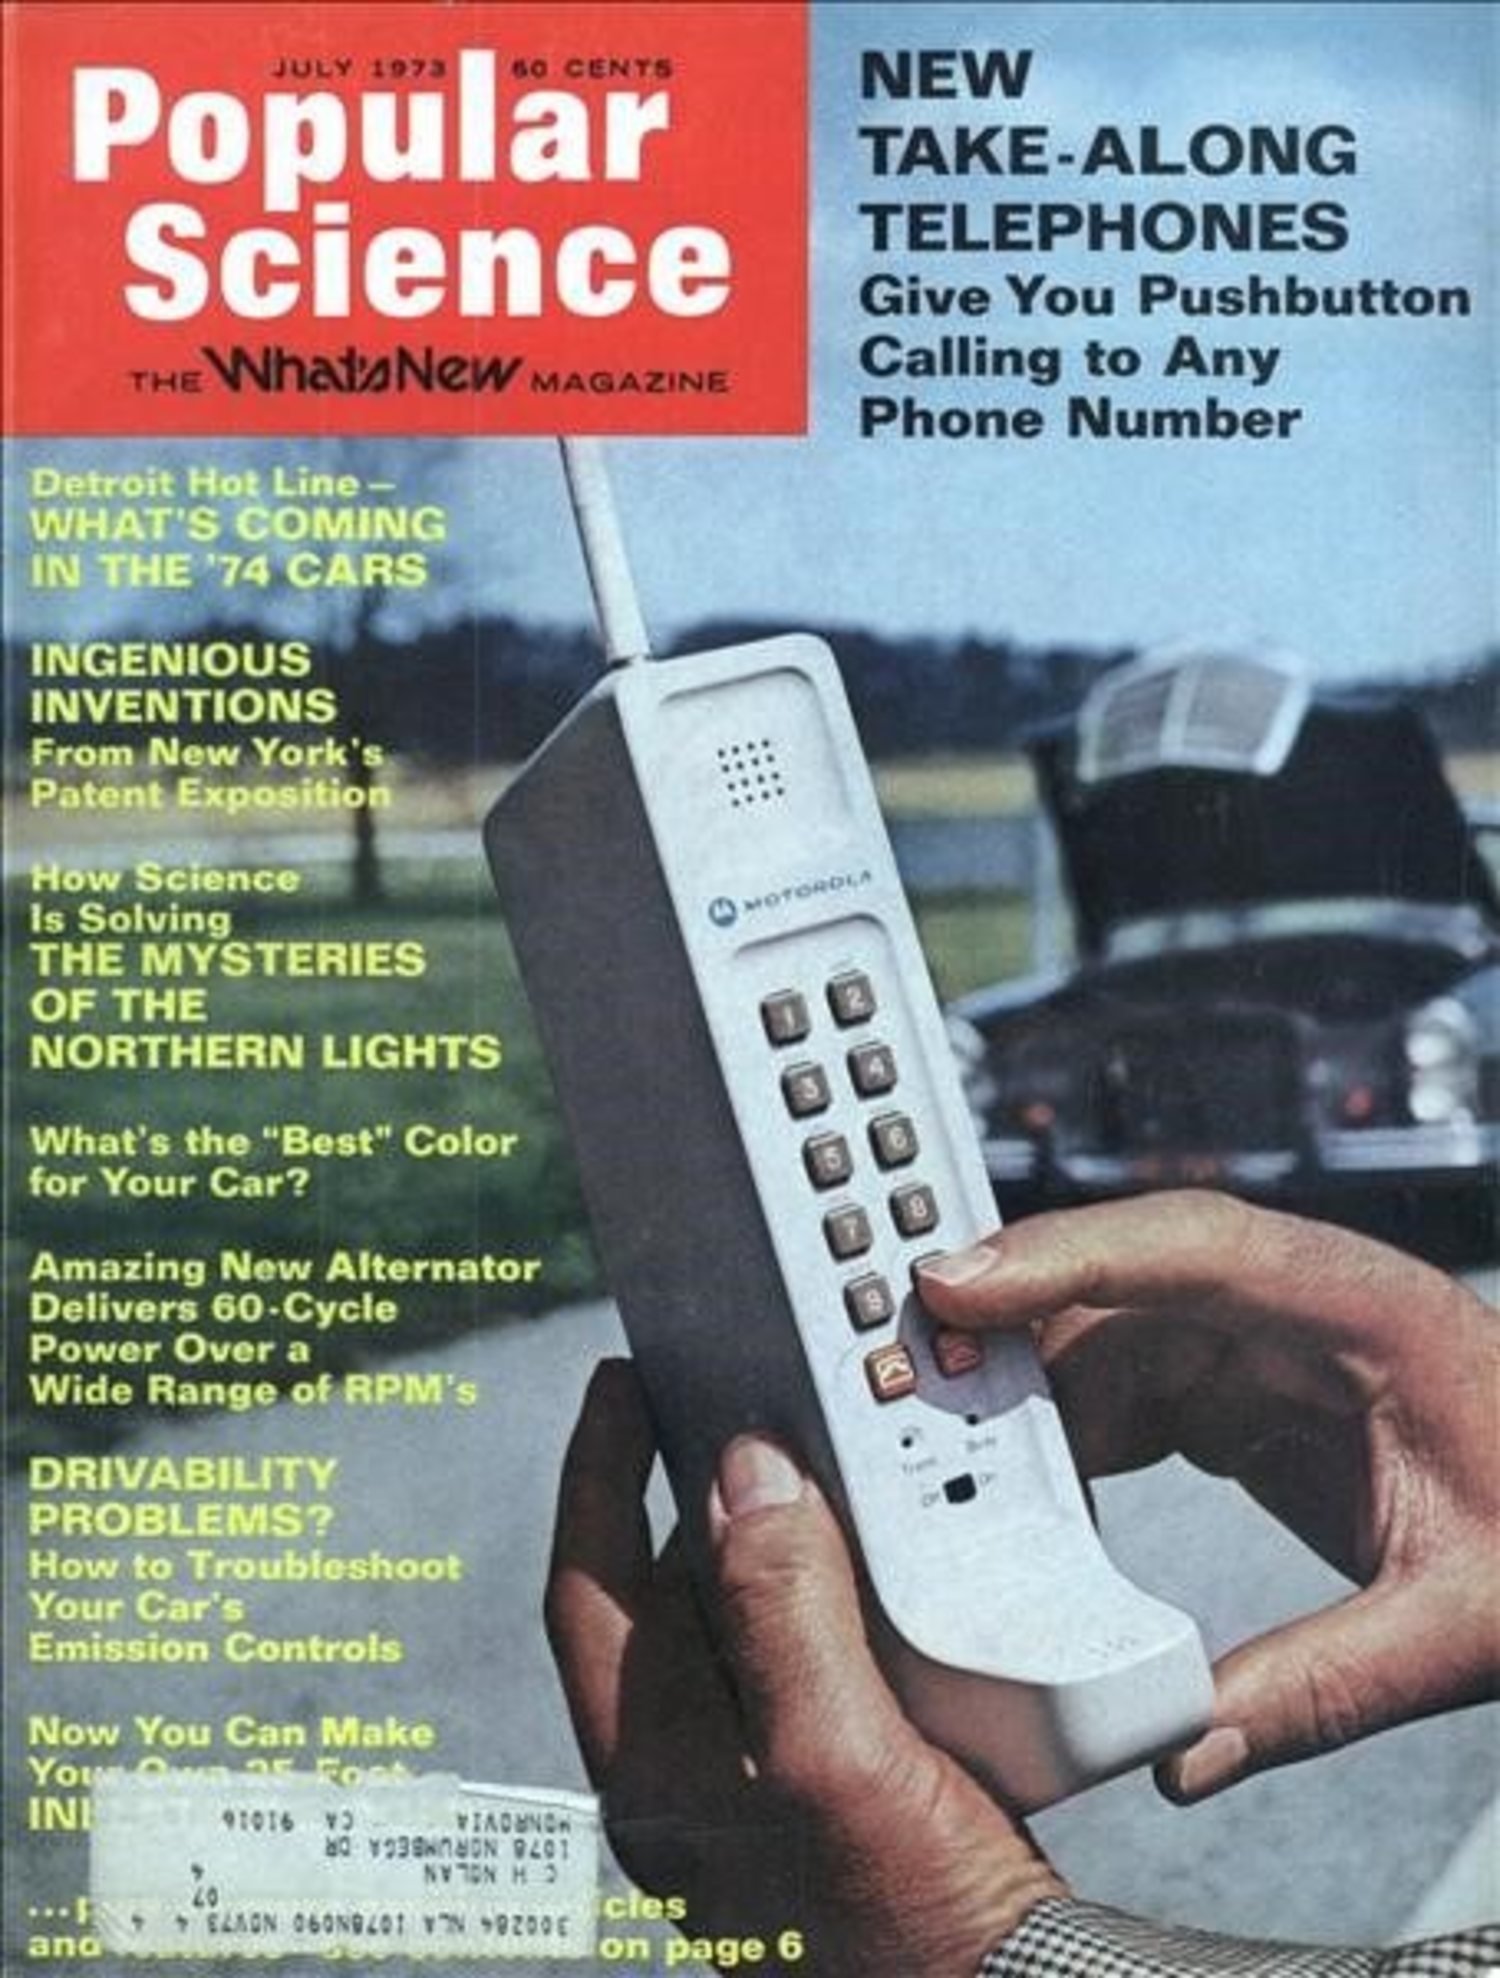 Portada de la revista 'Popular Science', una de las entregas de divulgación científica más importante de la época